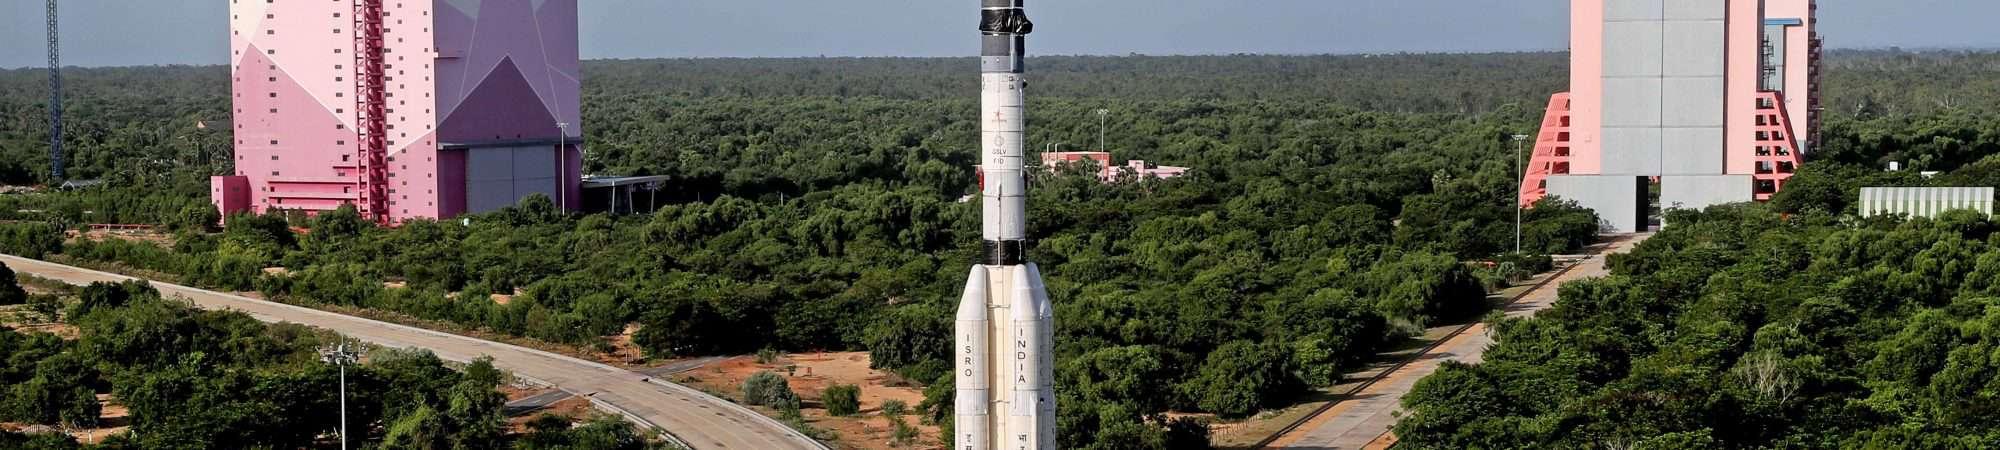 Base de lançamento do foguete GSLV-F10, na Índia